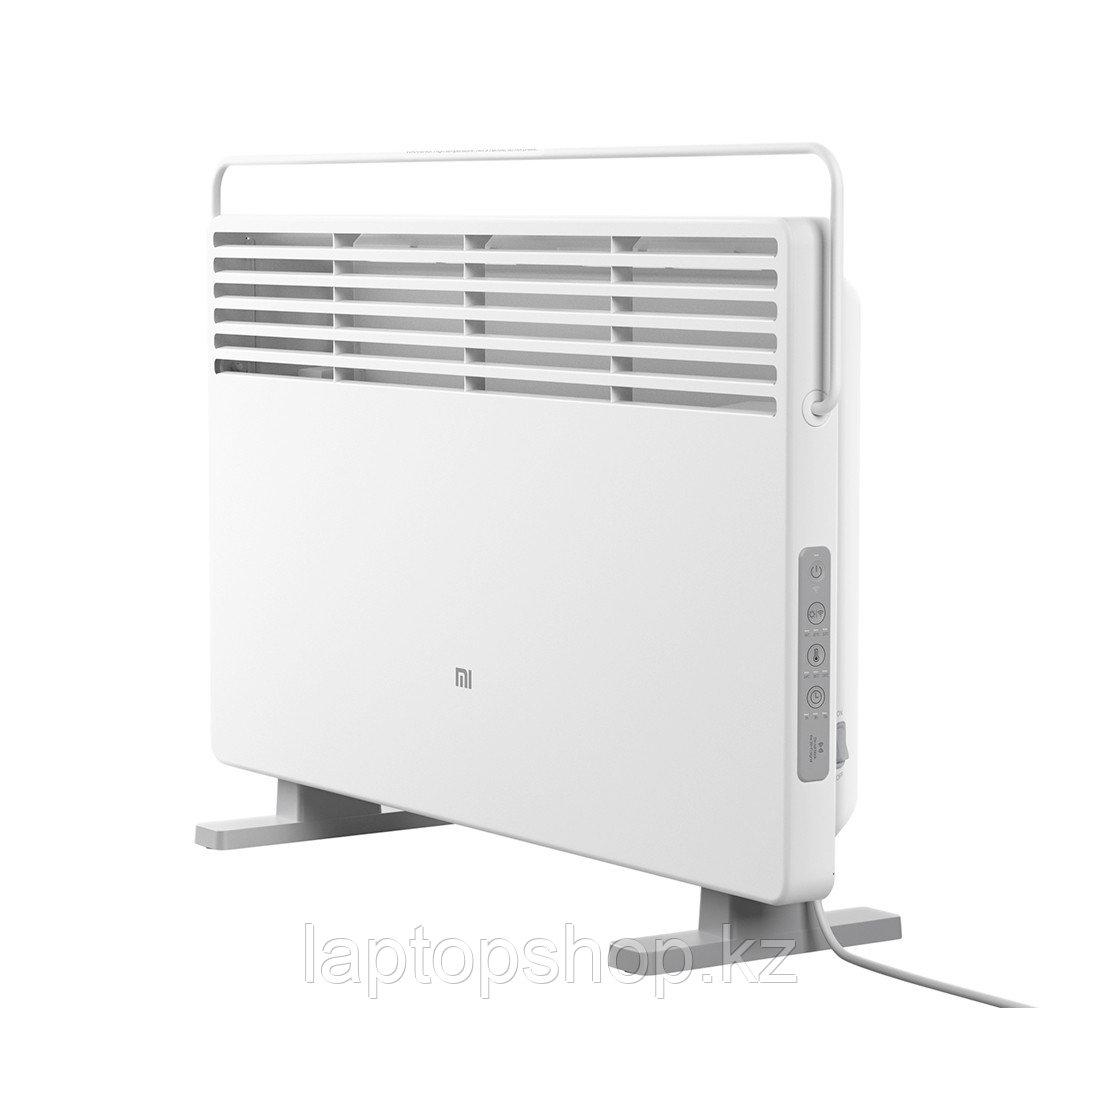 Обогреватель конвекторный Mi Smart Space Heater S, Белый